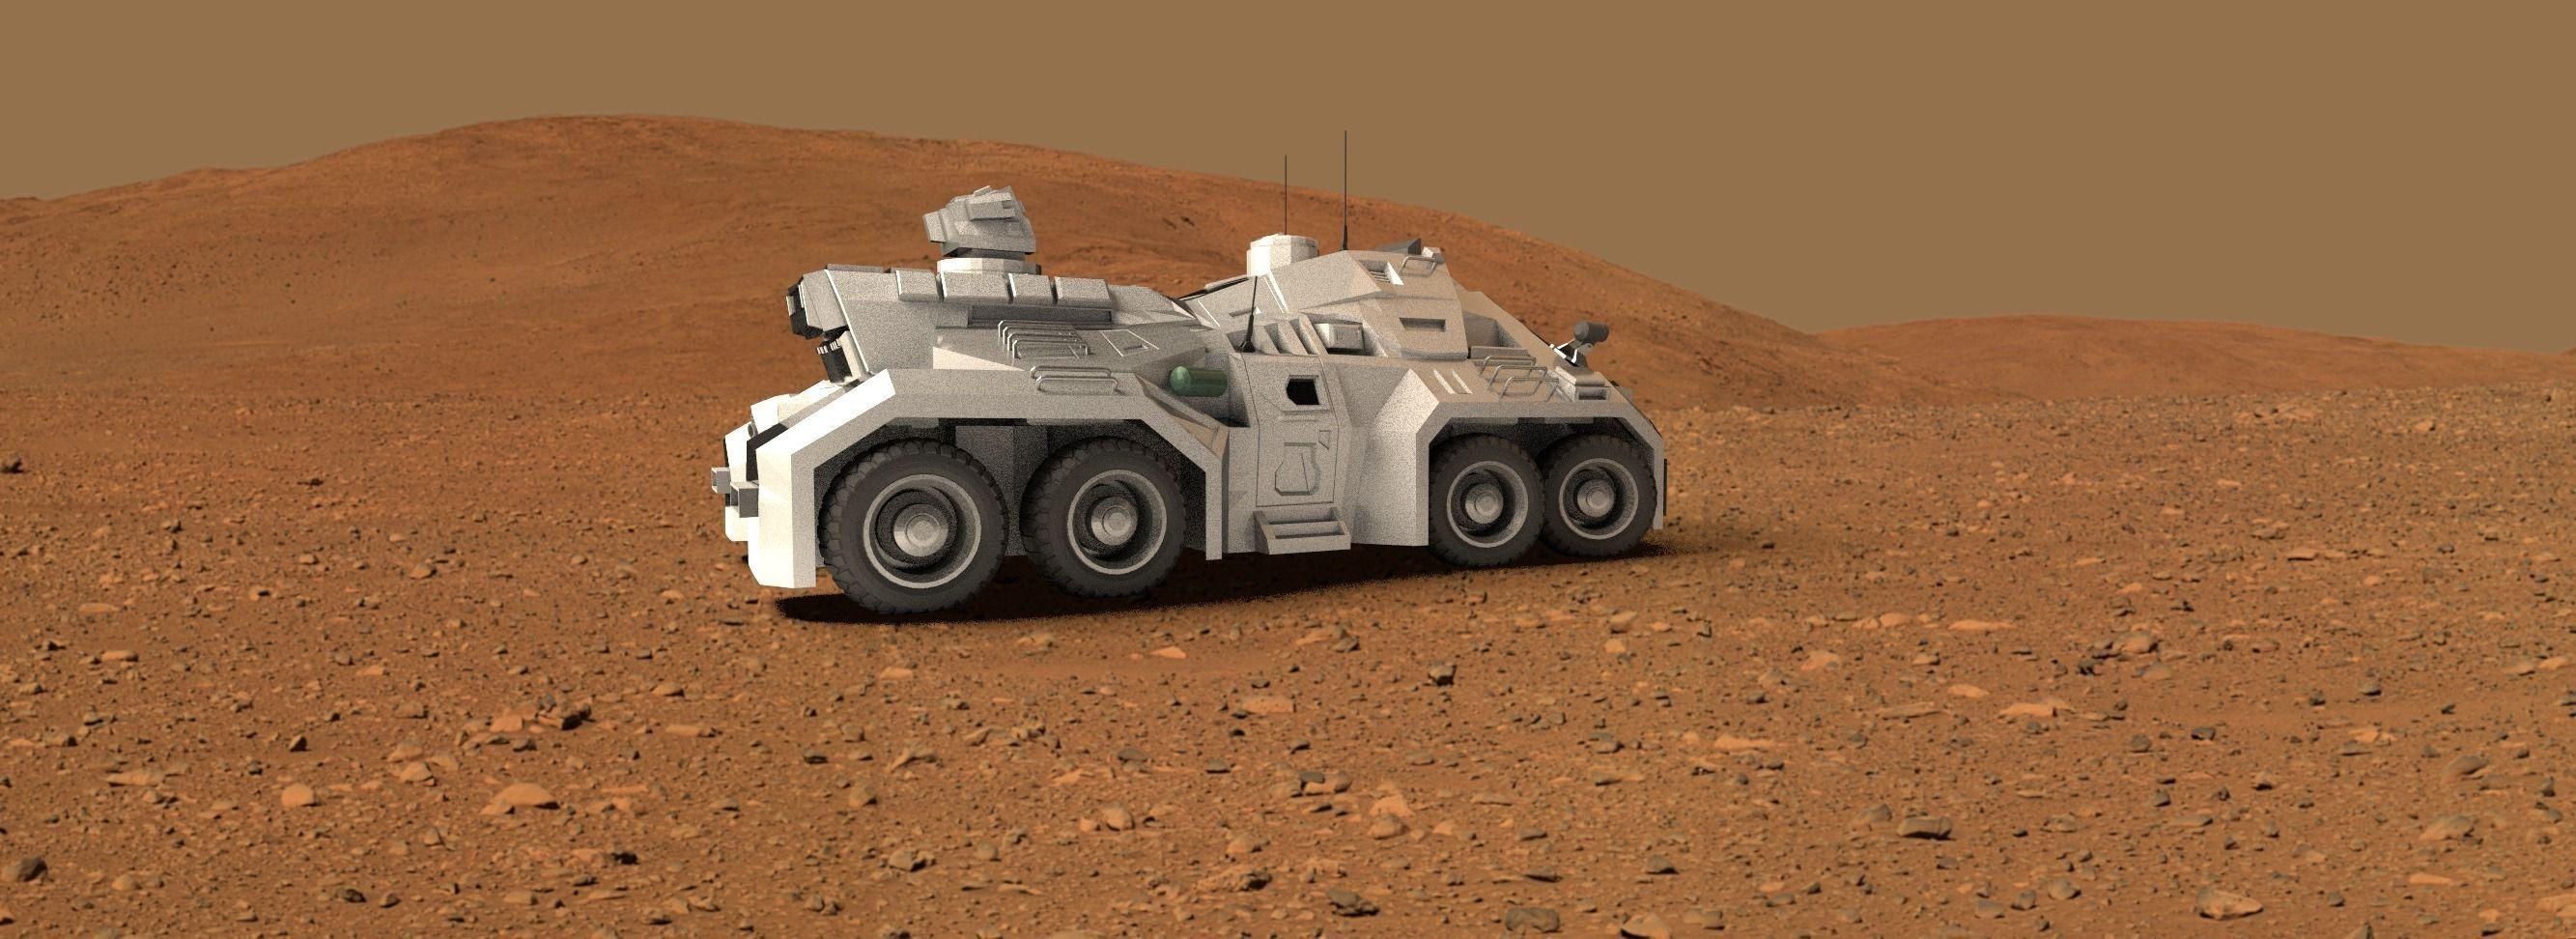 The Martian S Mars Rover In Baraka Mall Amman Jordan